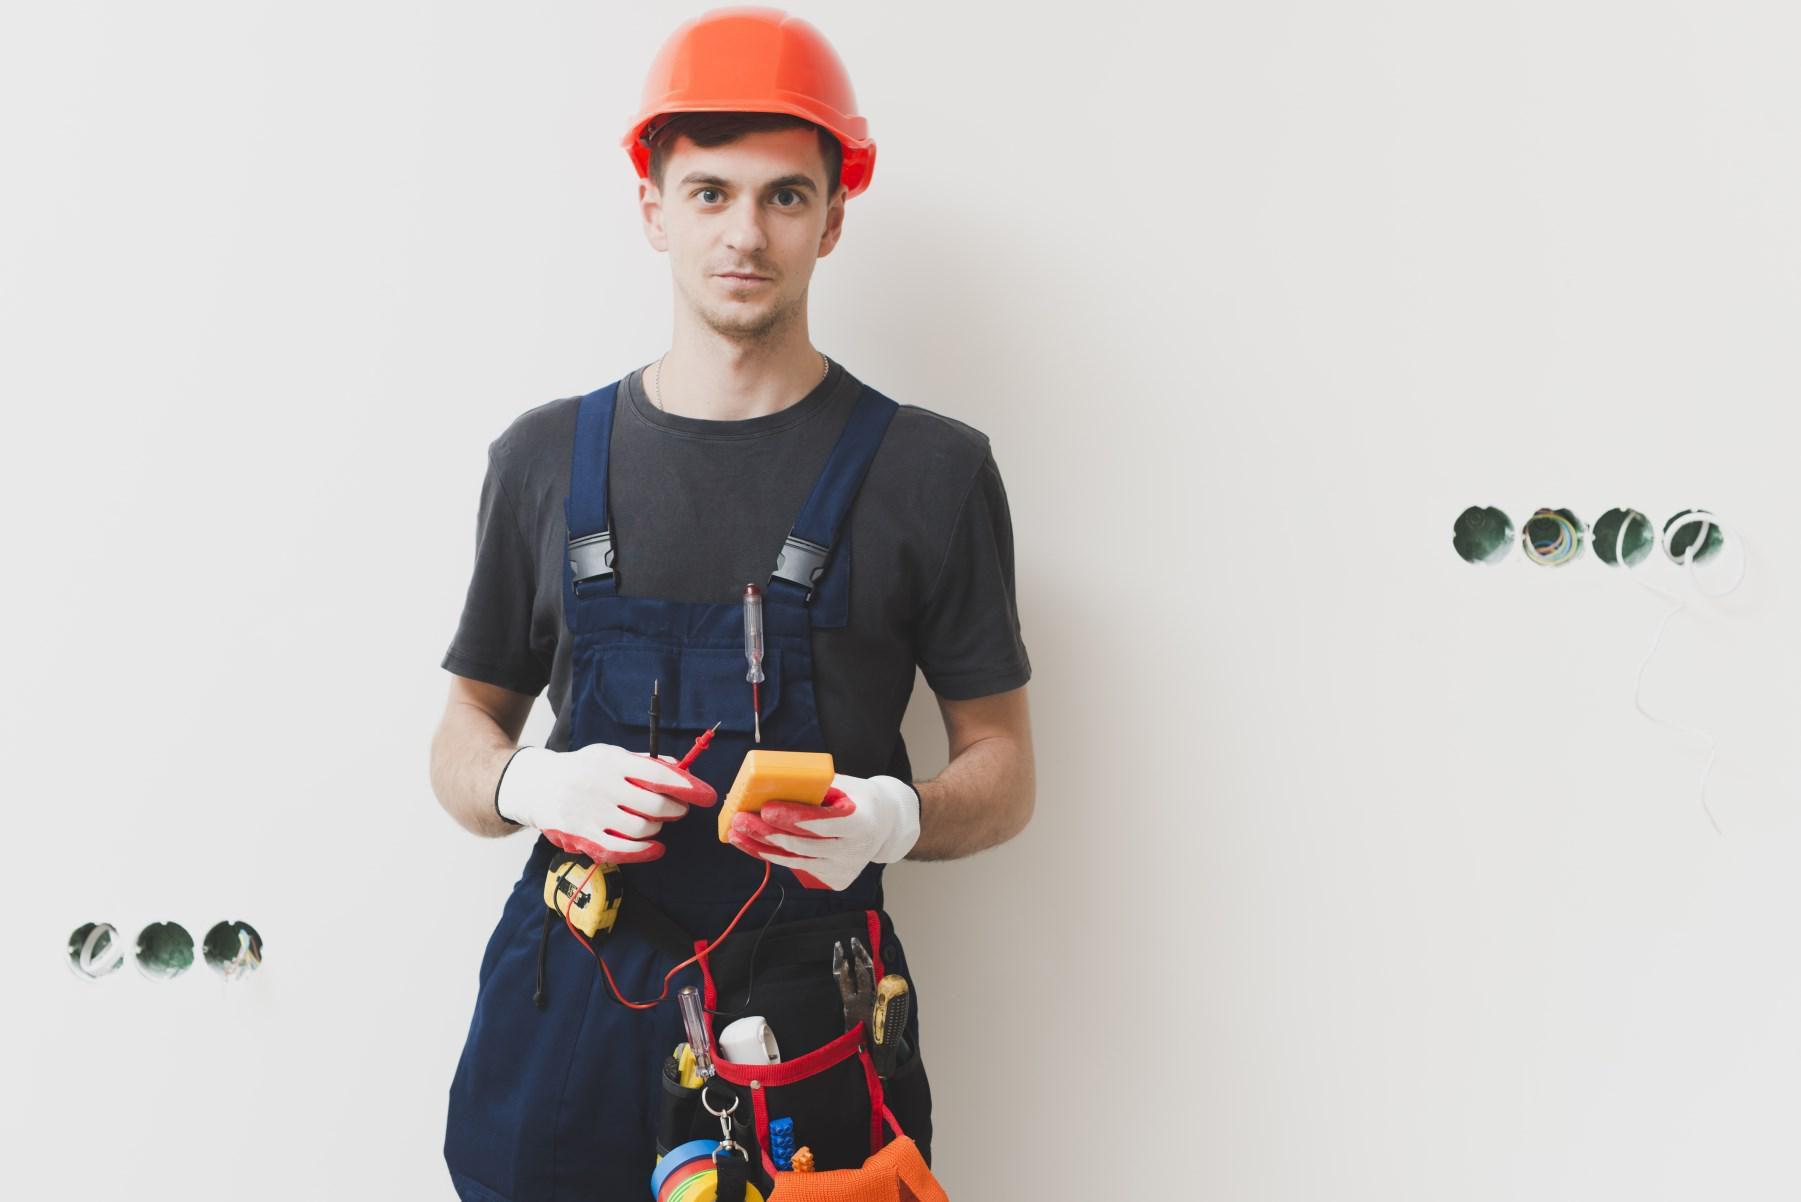 Diventare elettricista: ecco come intraprendere questa professione